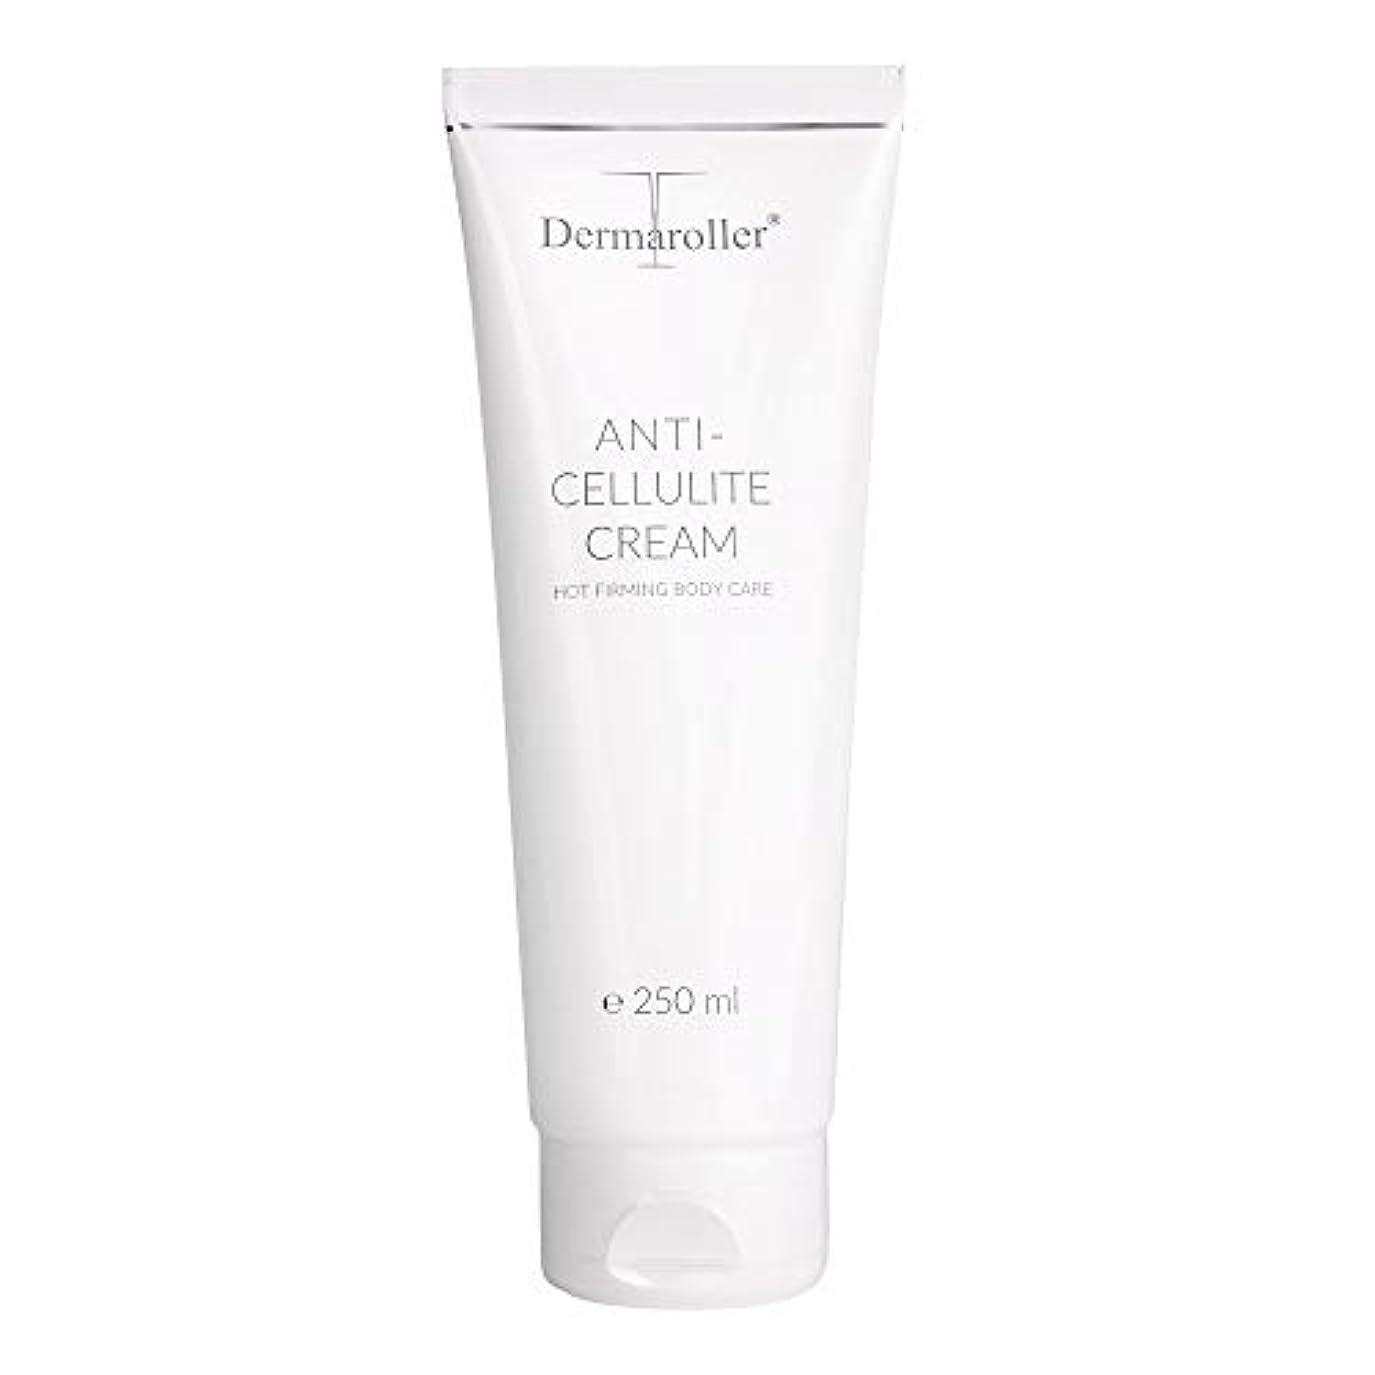 ポンペイ意外モニターDermaroller アンチ セルライト クリーム 250ml [Dermaroller]Anti-Cellulite Cream